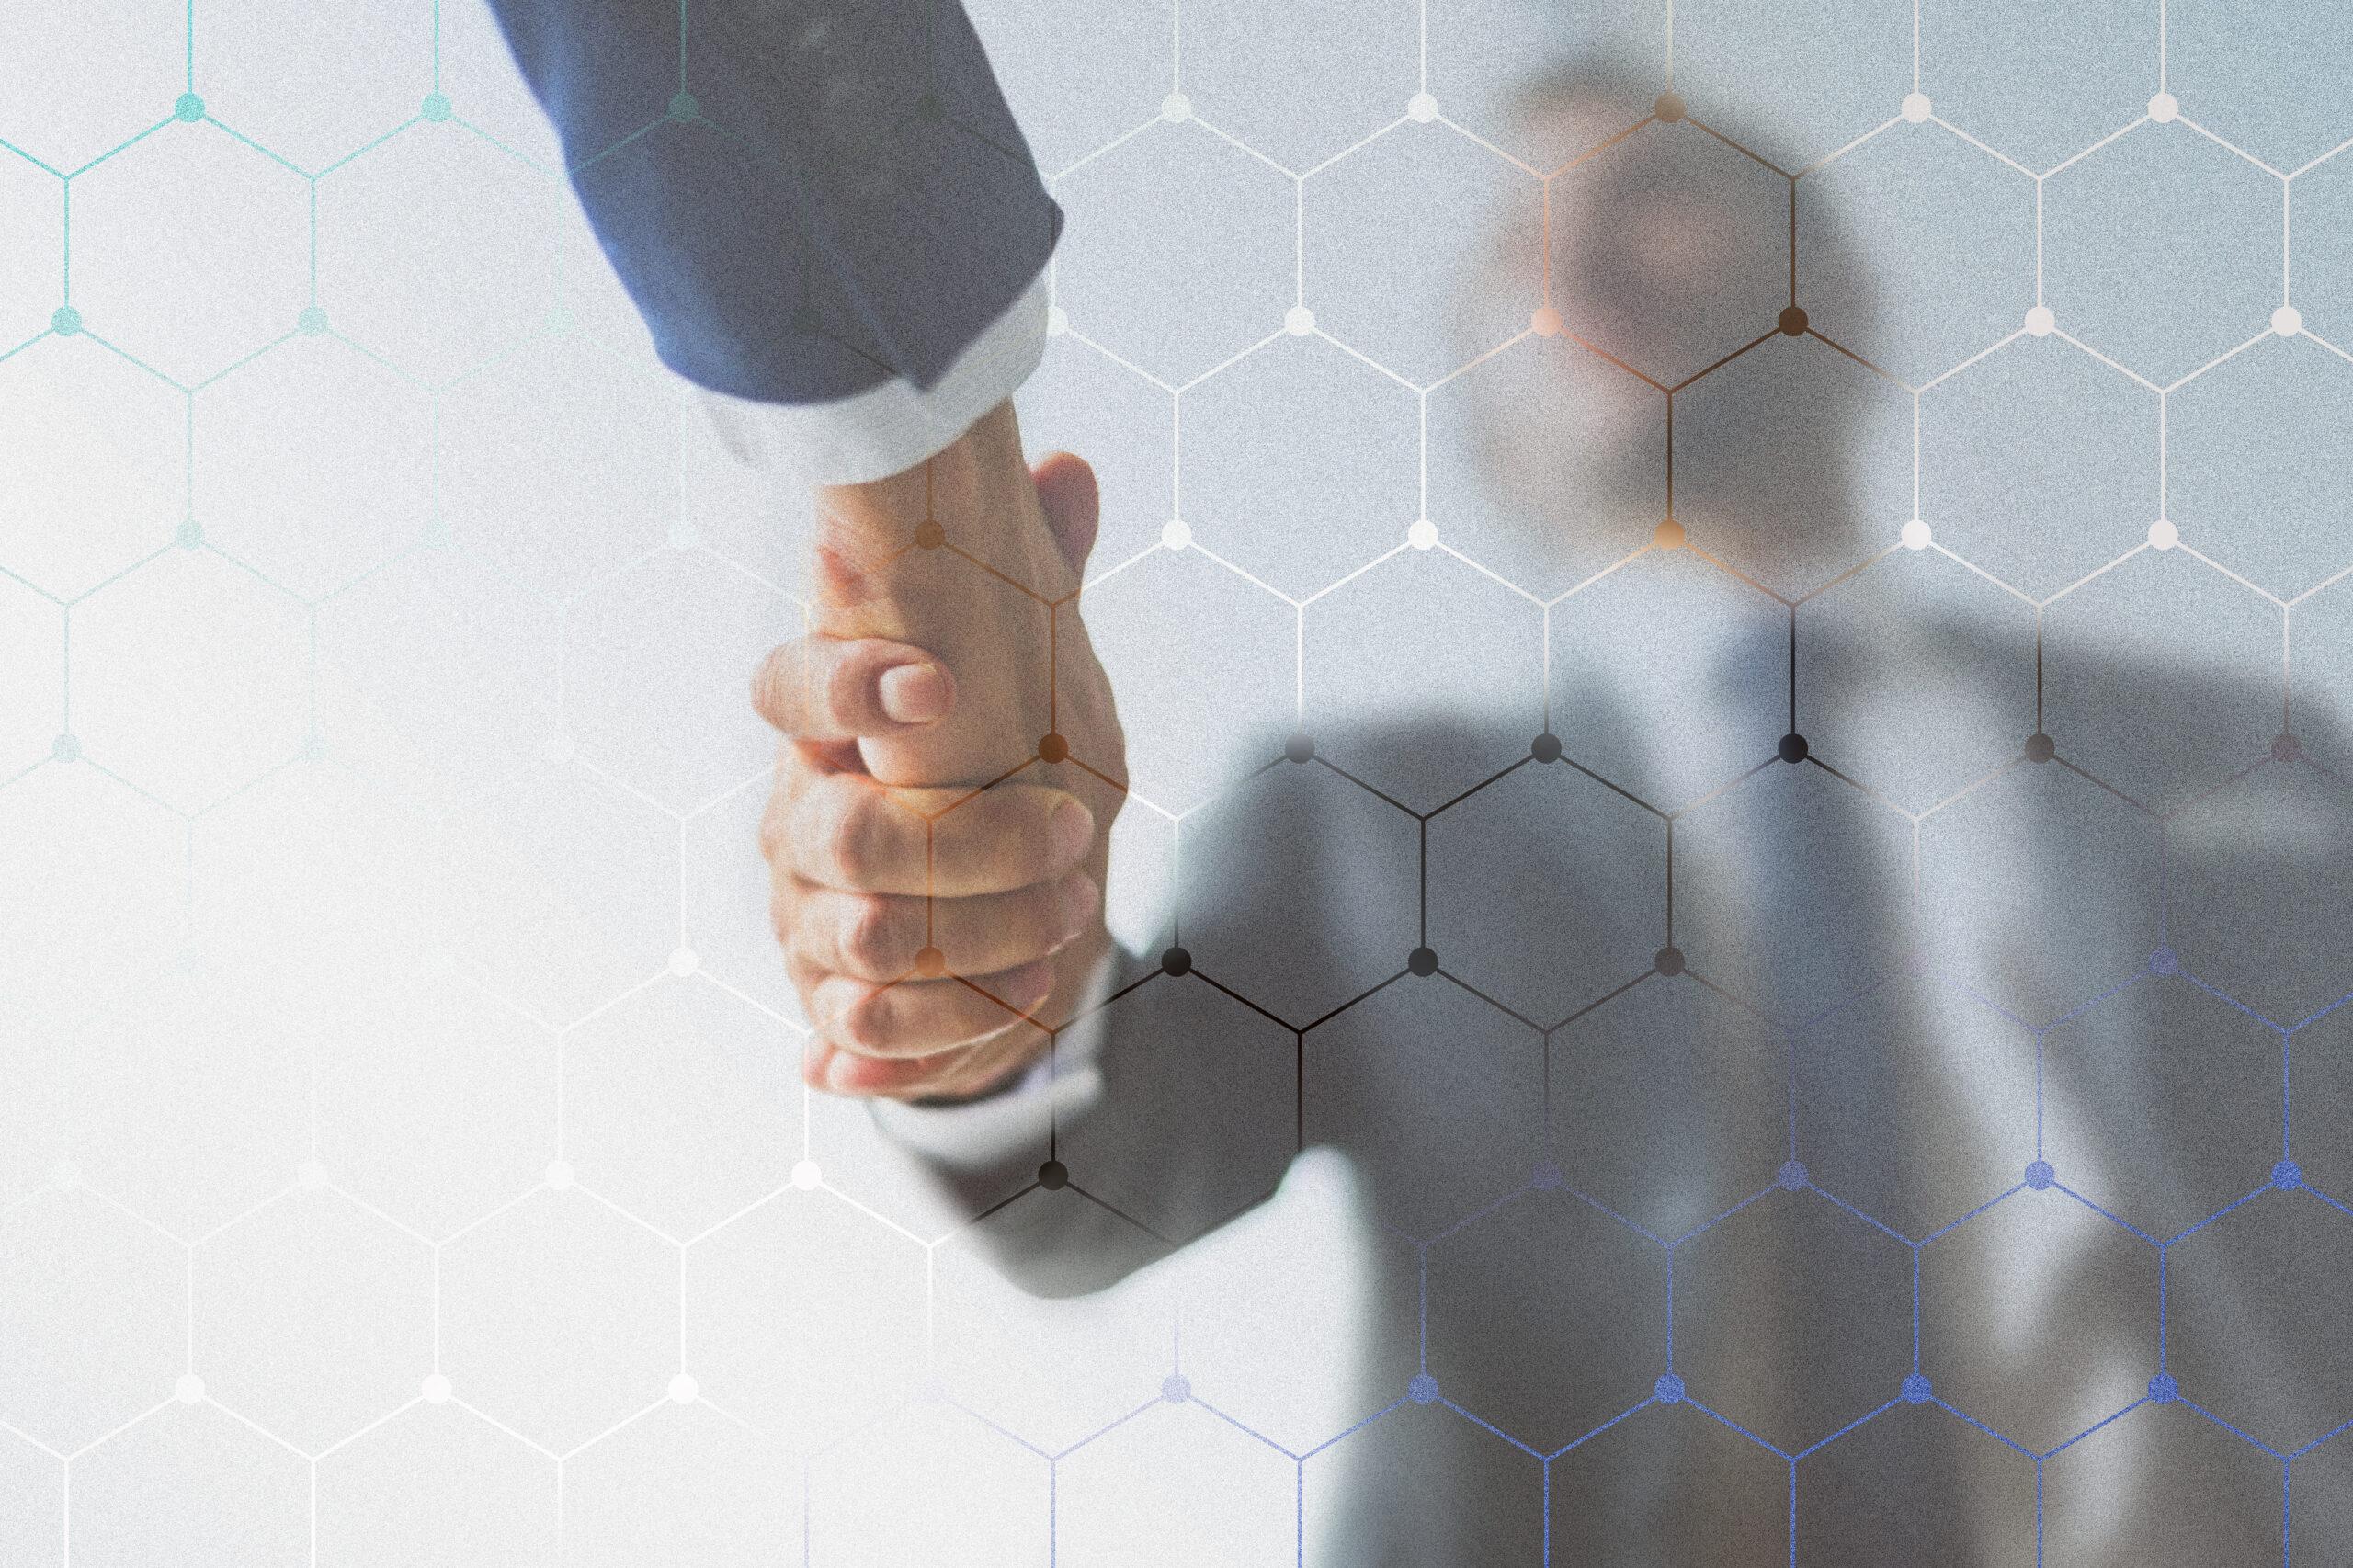 Corporate business handshake between partners